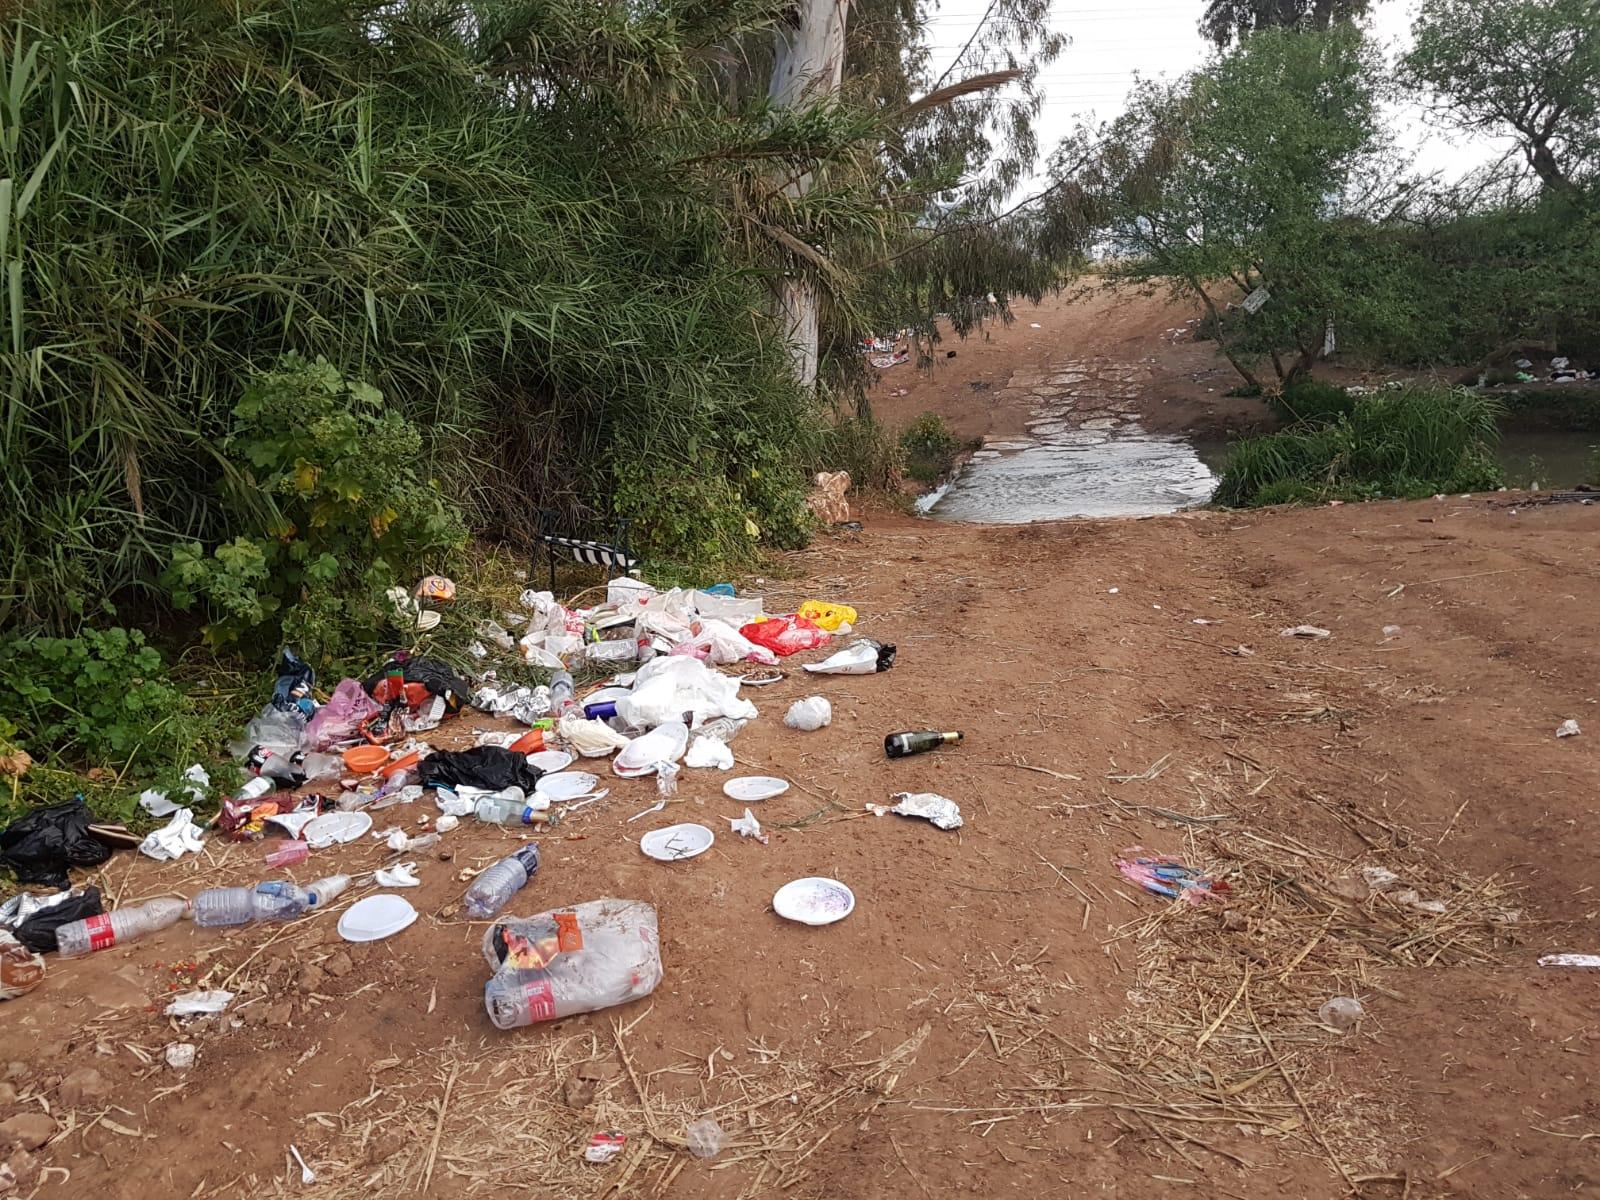 פסולת על גדות הירקון